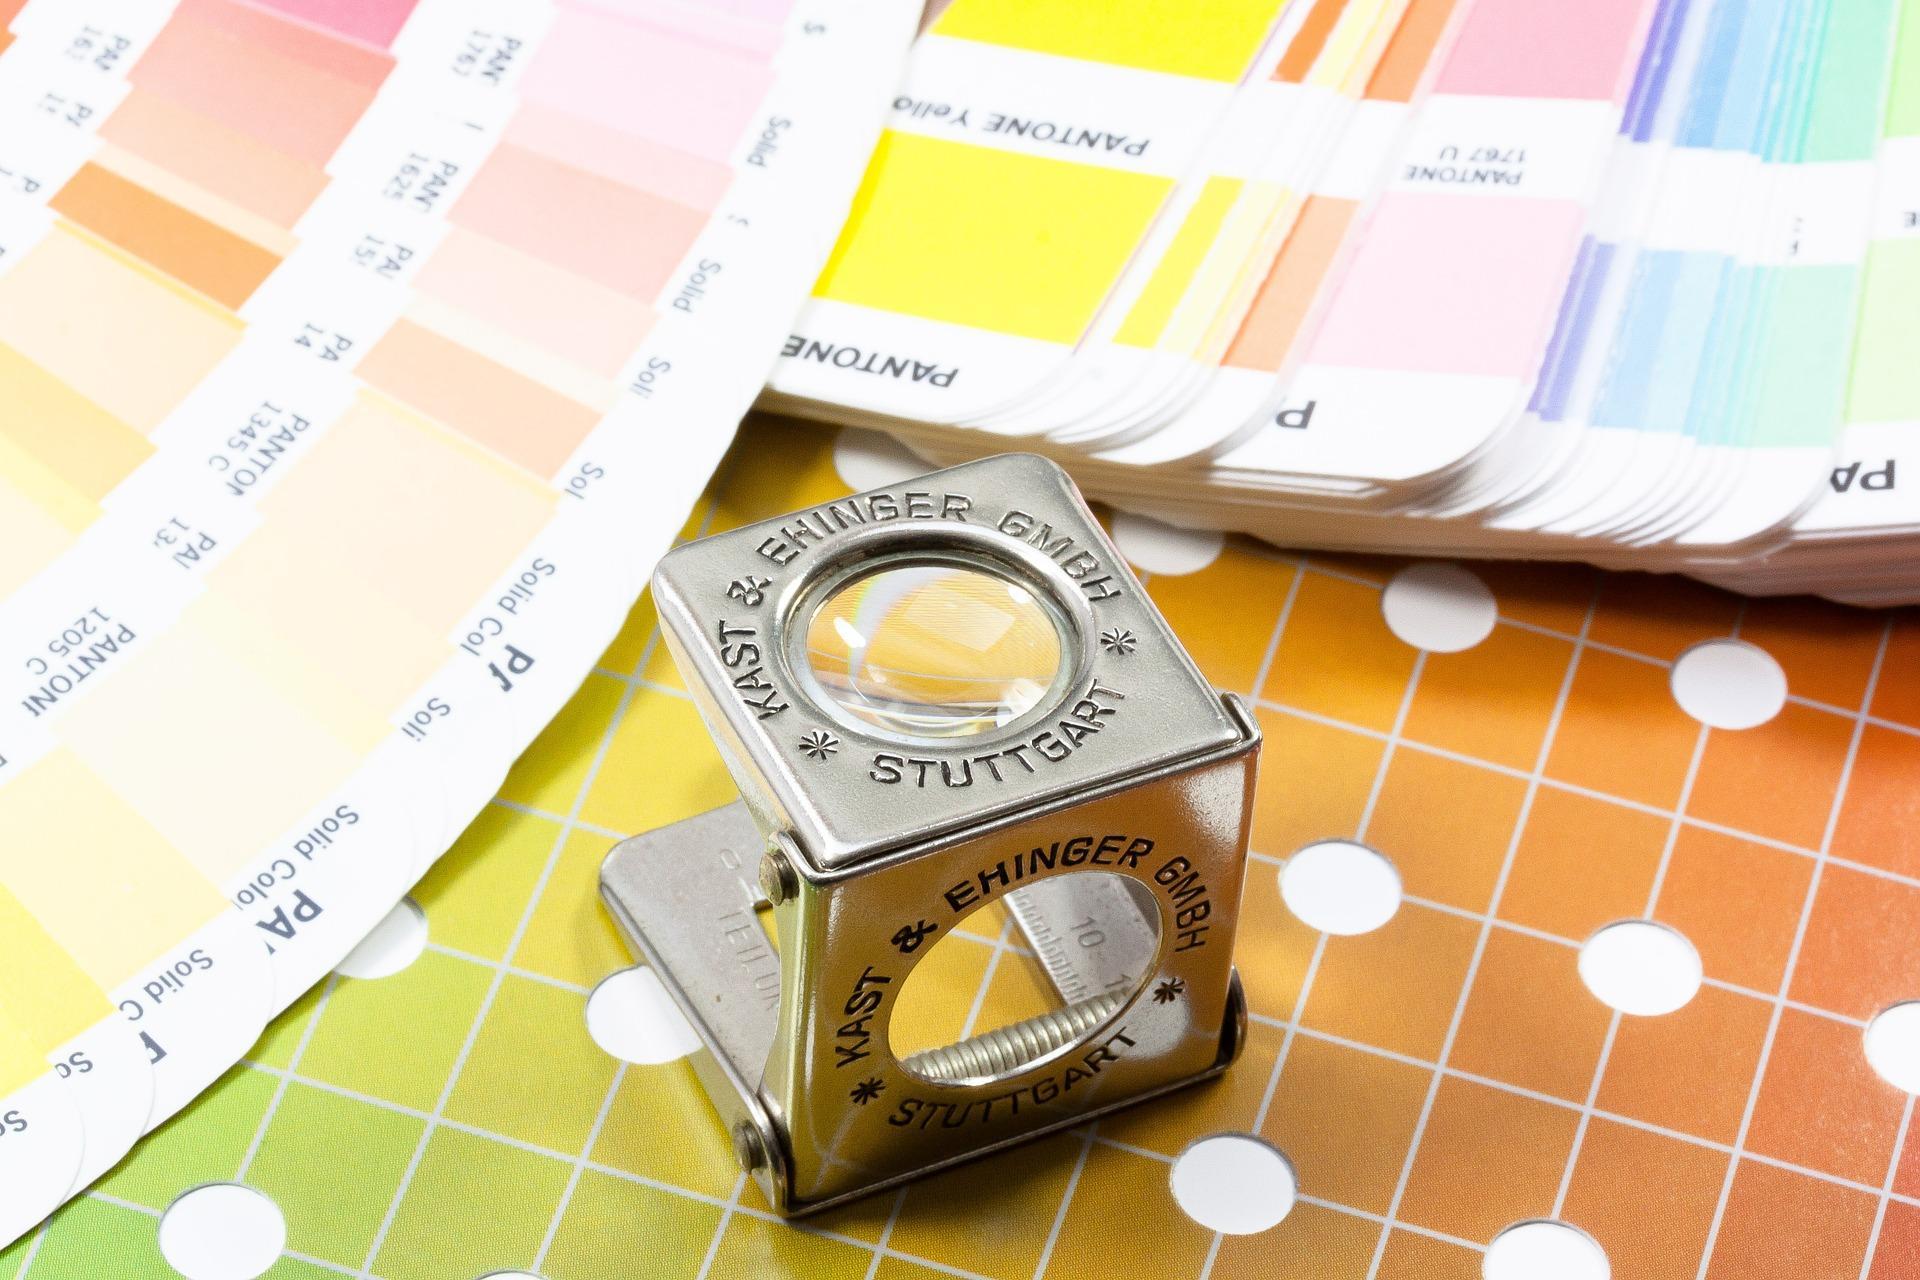 cc5b19ae Medieuttrykk og mediesamfunnet - Fargenes egenskaper - NDLA